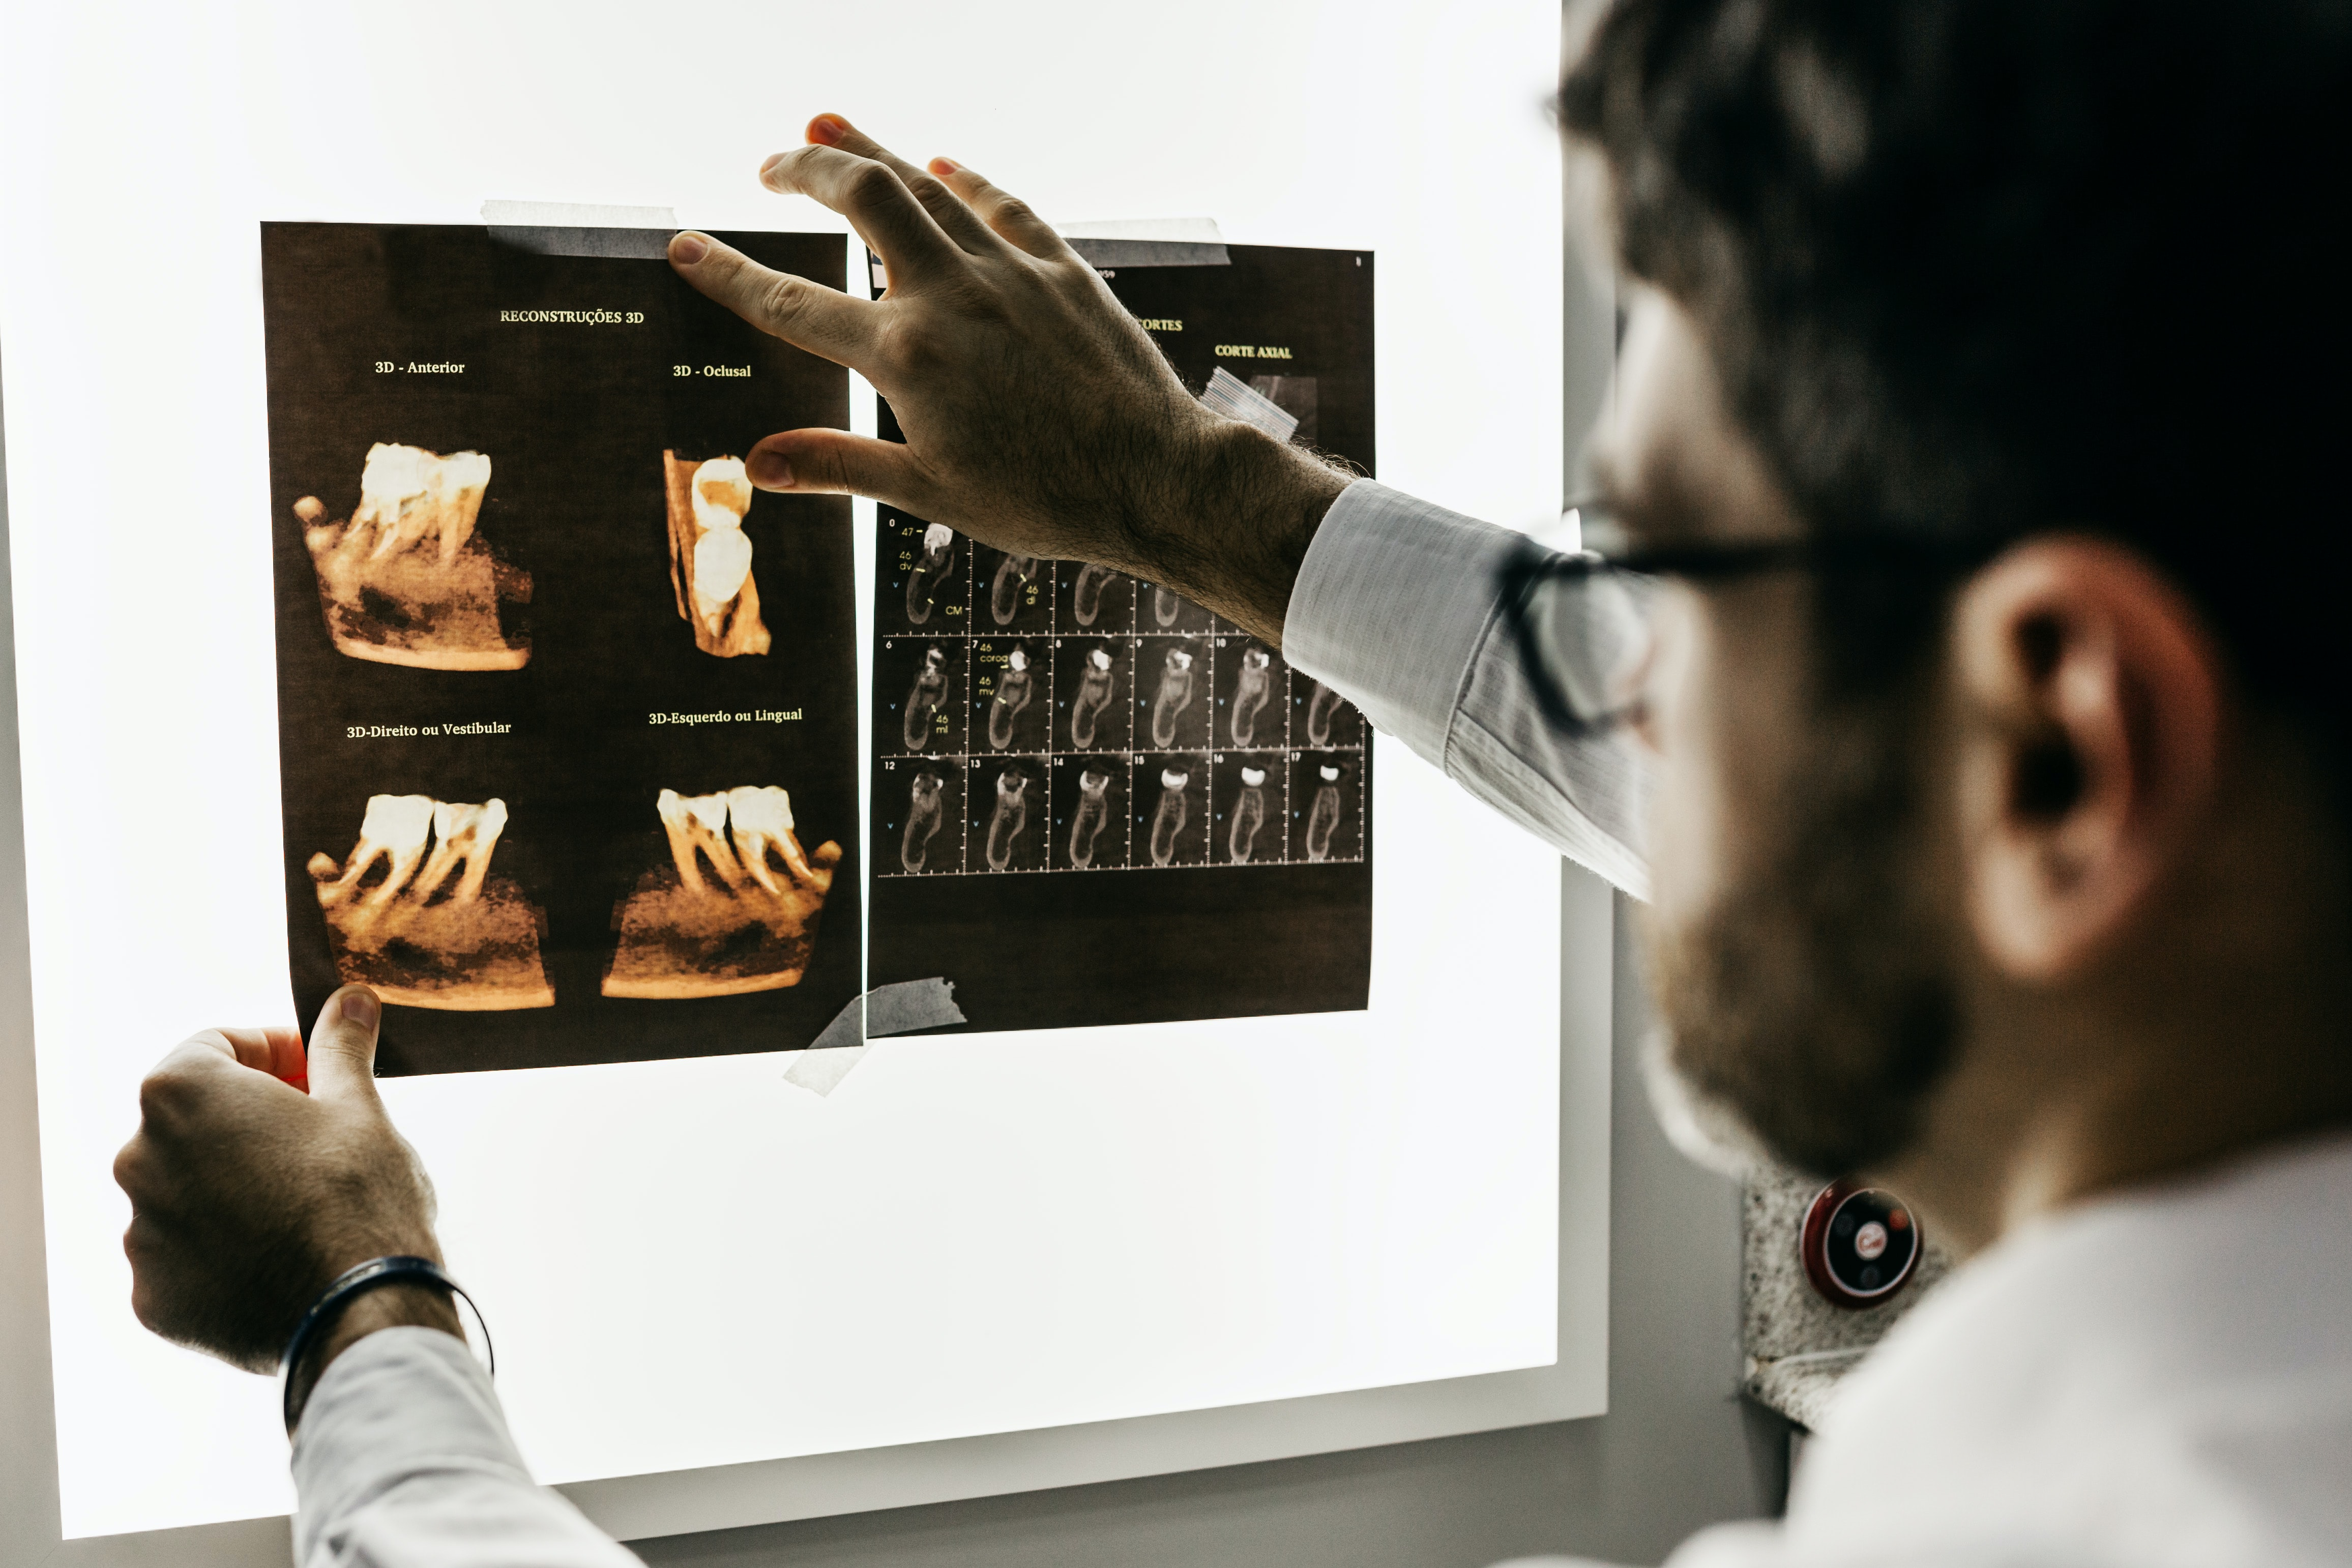 dentist holding up xrays of wisdom teeth on lightboard